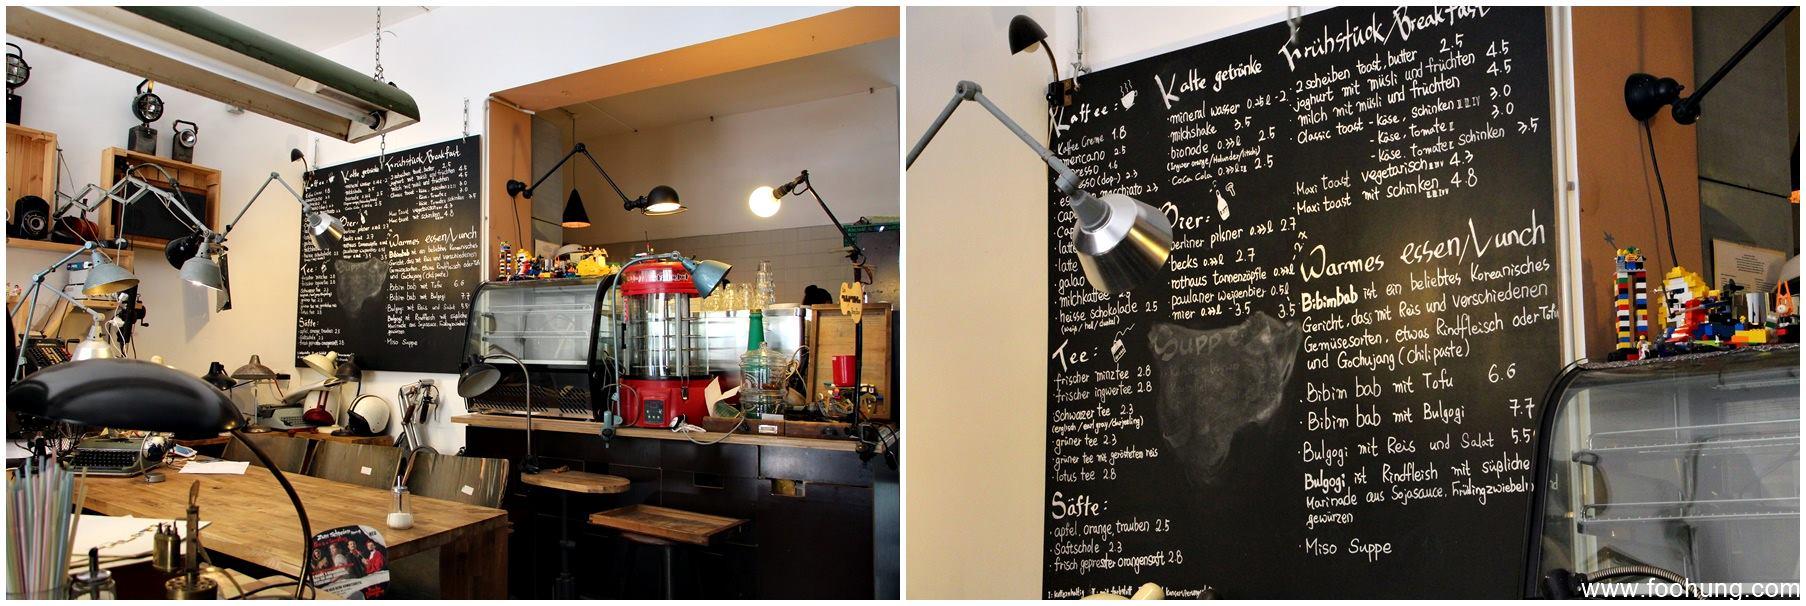 Café Gong Gan Berlin 5